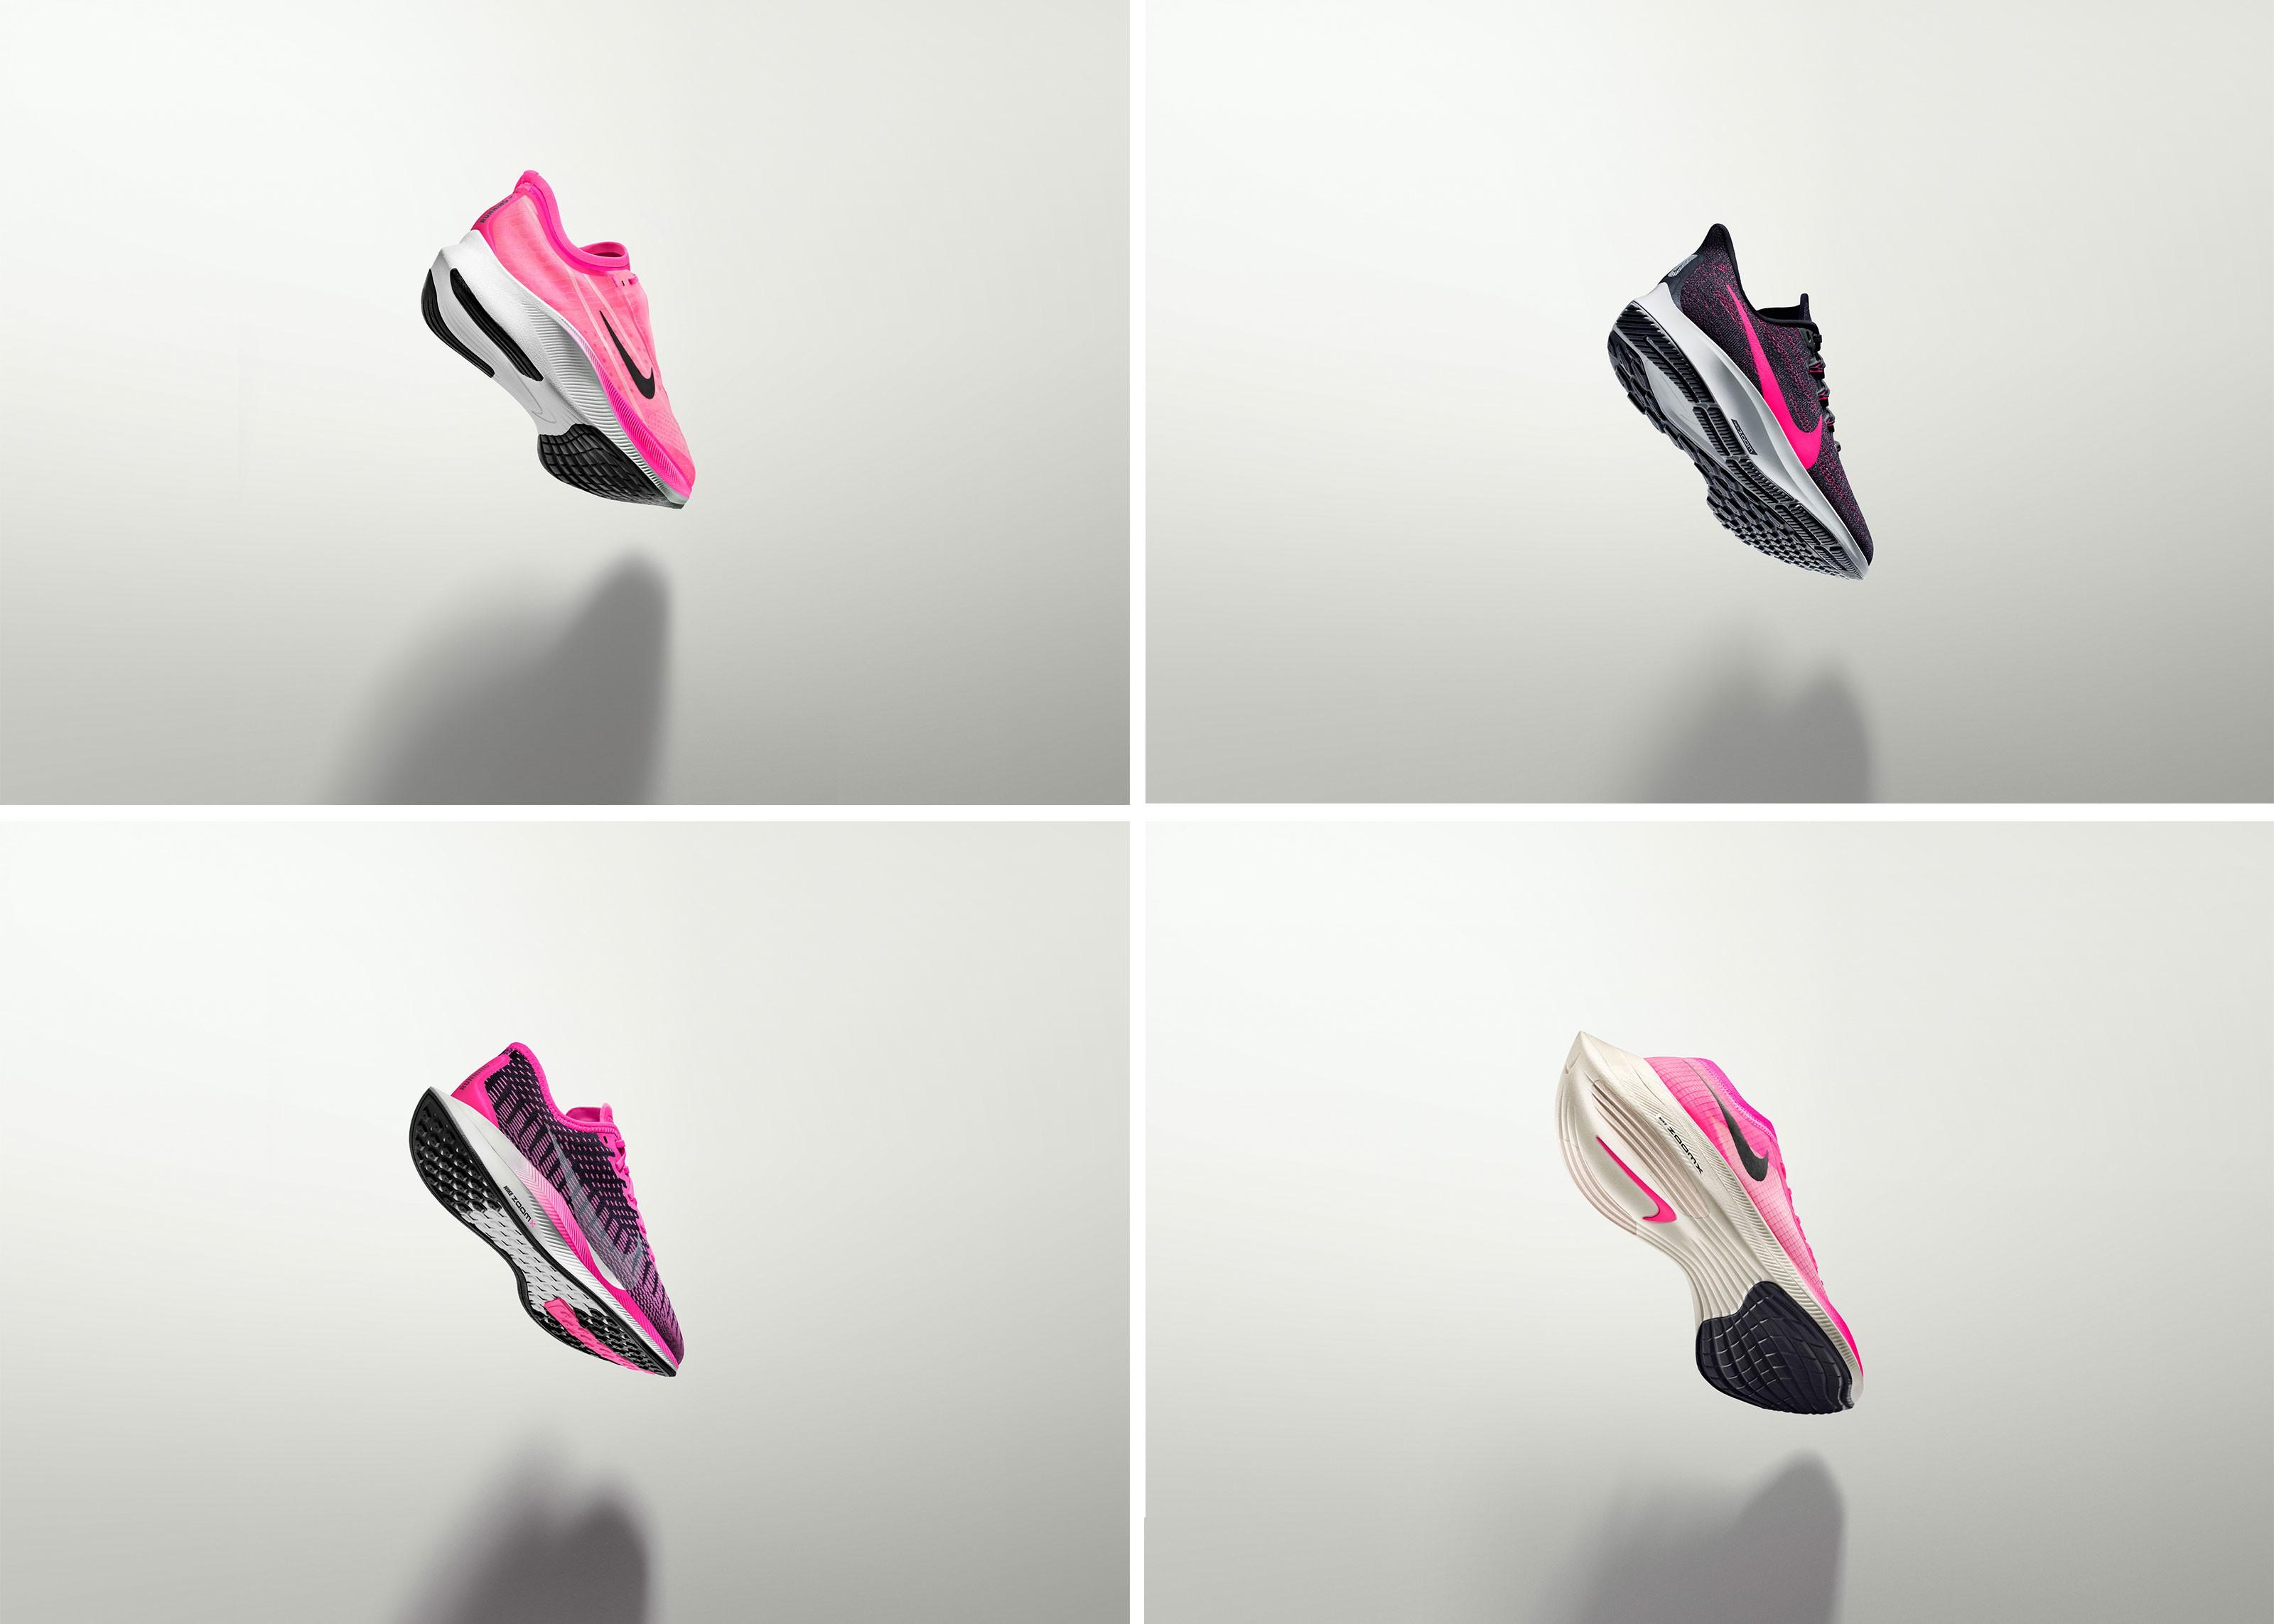 La velocit&agrave; &egrave; l&rsquo;essenza di queste scarpe da allenamento e da gara, che si adattano alle esigenze di ogni tipo di runner, dai maratoneti esperti a quelli che semplicemente si divertono a macinare chilometri di corsa nei week-end.Grazie all&rsquo;unit&agrave; Nike Zoom Air su tutta la lunghezza della suola o alla schiuma Nike ZoomX super reattiva, ogni scarpa della famiglia Zoom regala un&rsquo;esperienza unica. Giusto in tempo per l&rsquo;inizio della stagione delle maratone, la Famiglia Nike Zoom 2019 -&nbsp;Nike Air Zoom Pegasus 36,&nbsp;Nike&nbsp;Zoom Pegasus Turbo 2,&nbsp;Nike Zoom Fly 3&nbsp;e&nbsp;Nike ZoomX Vaporfly Next% -&nbsp;si allarga presentando la nuova colorazione rosa neon.<br /><br />